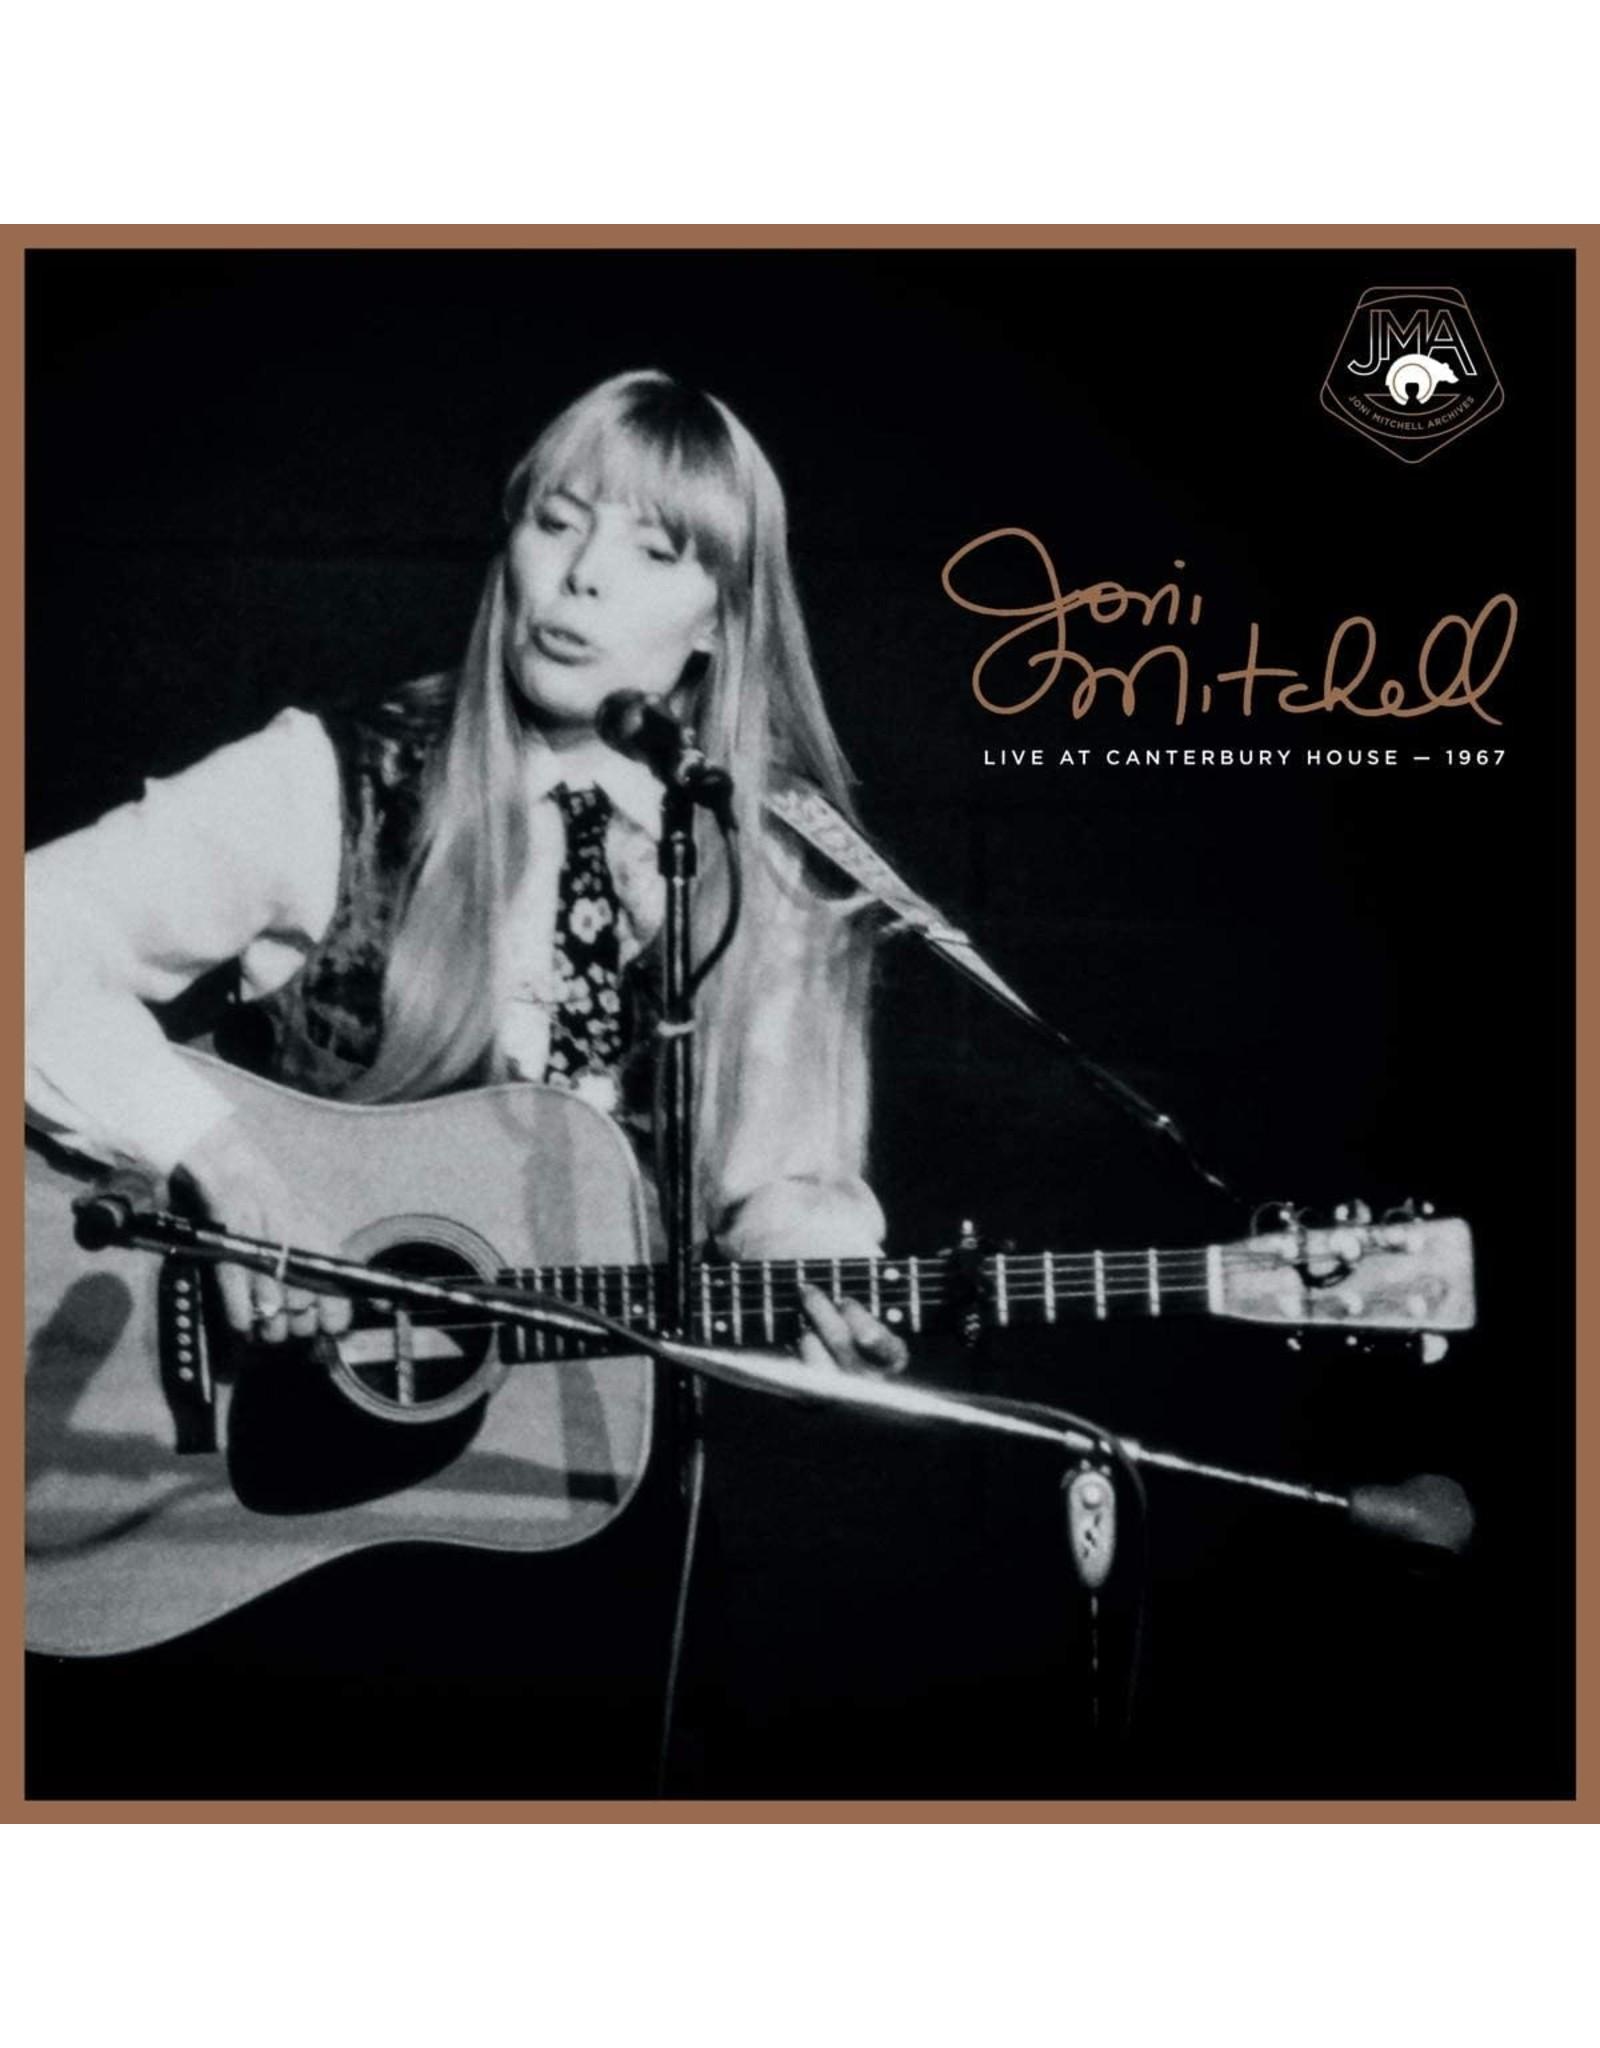 Joni Mitchell - Live at Canterbury House 1967